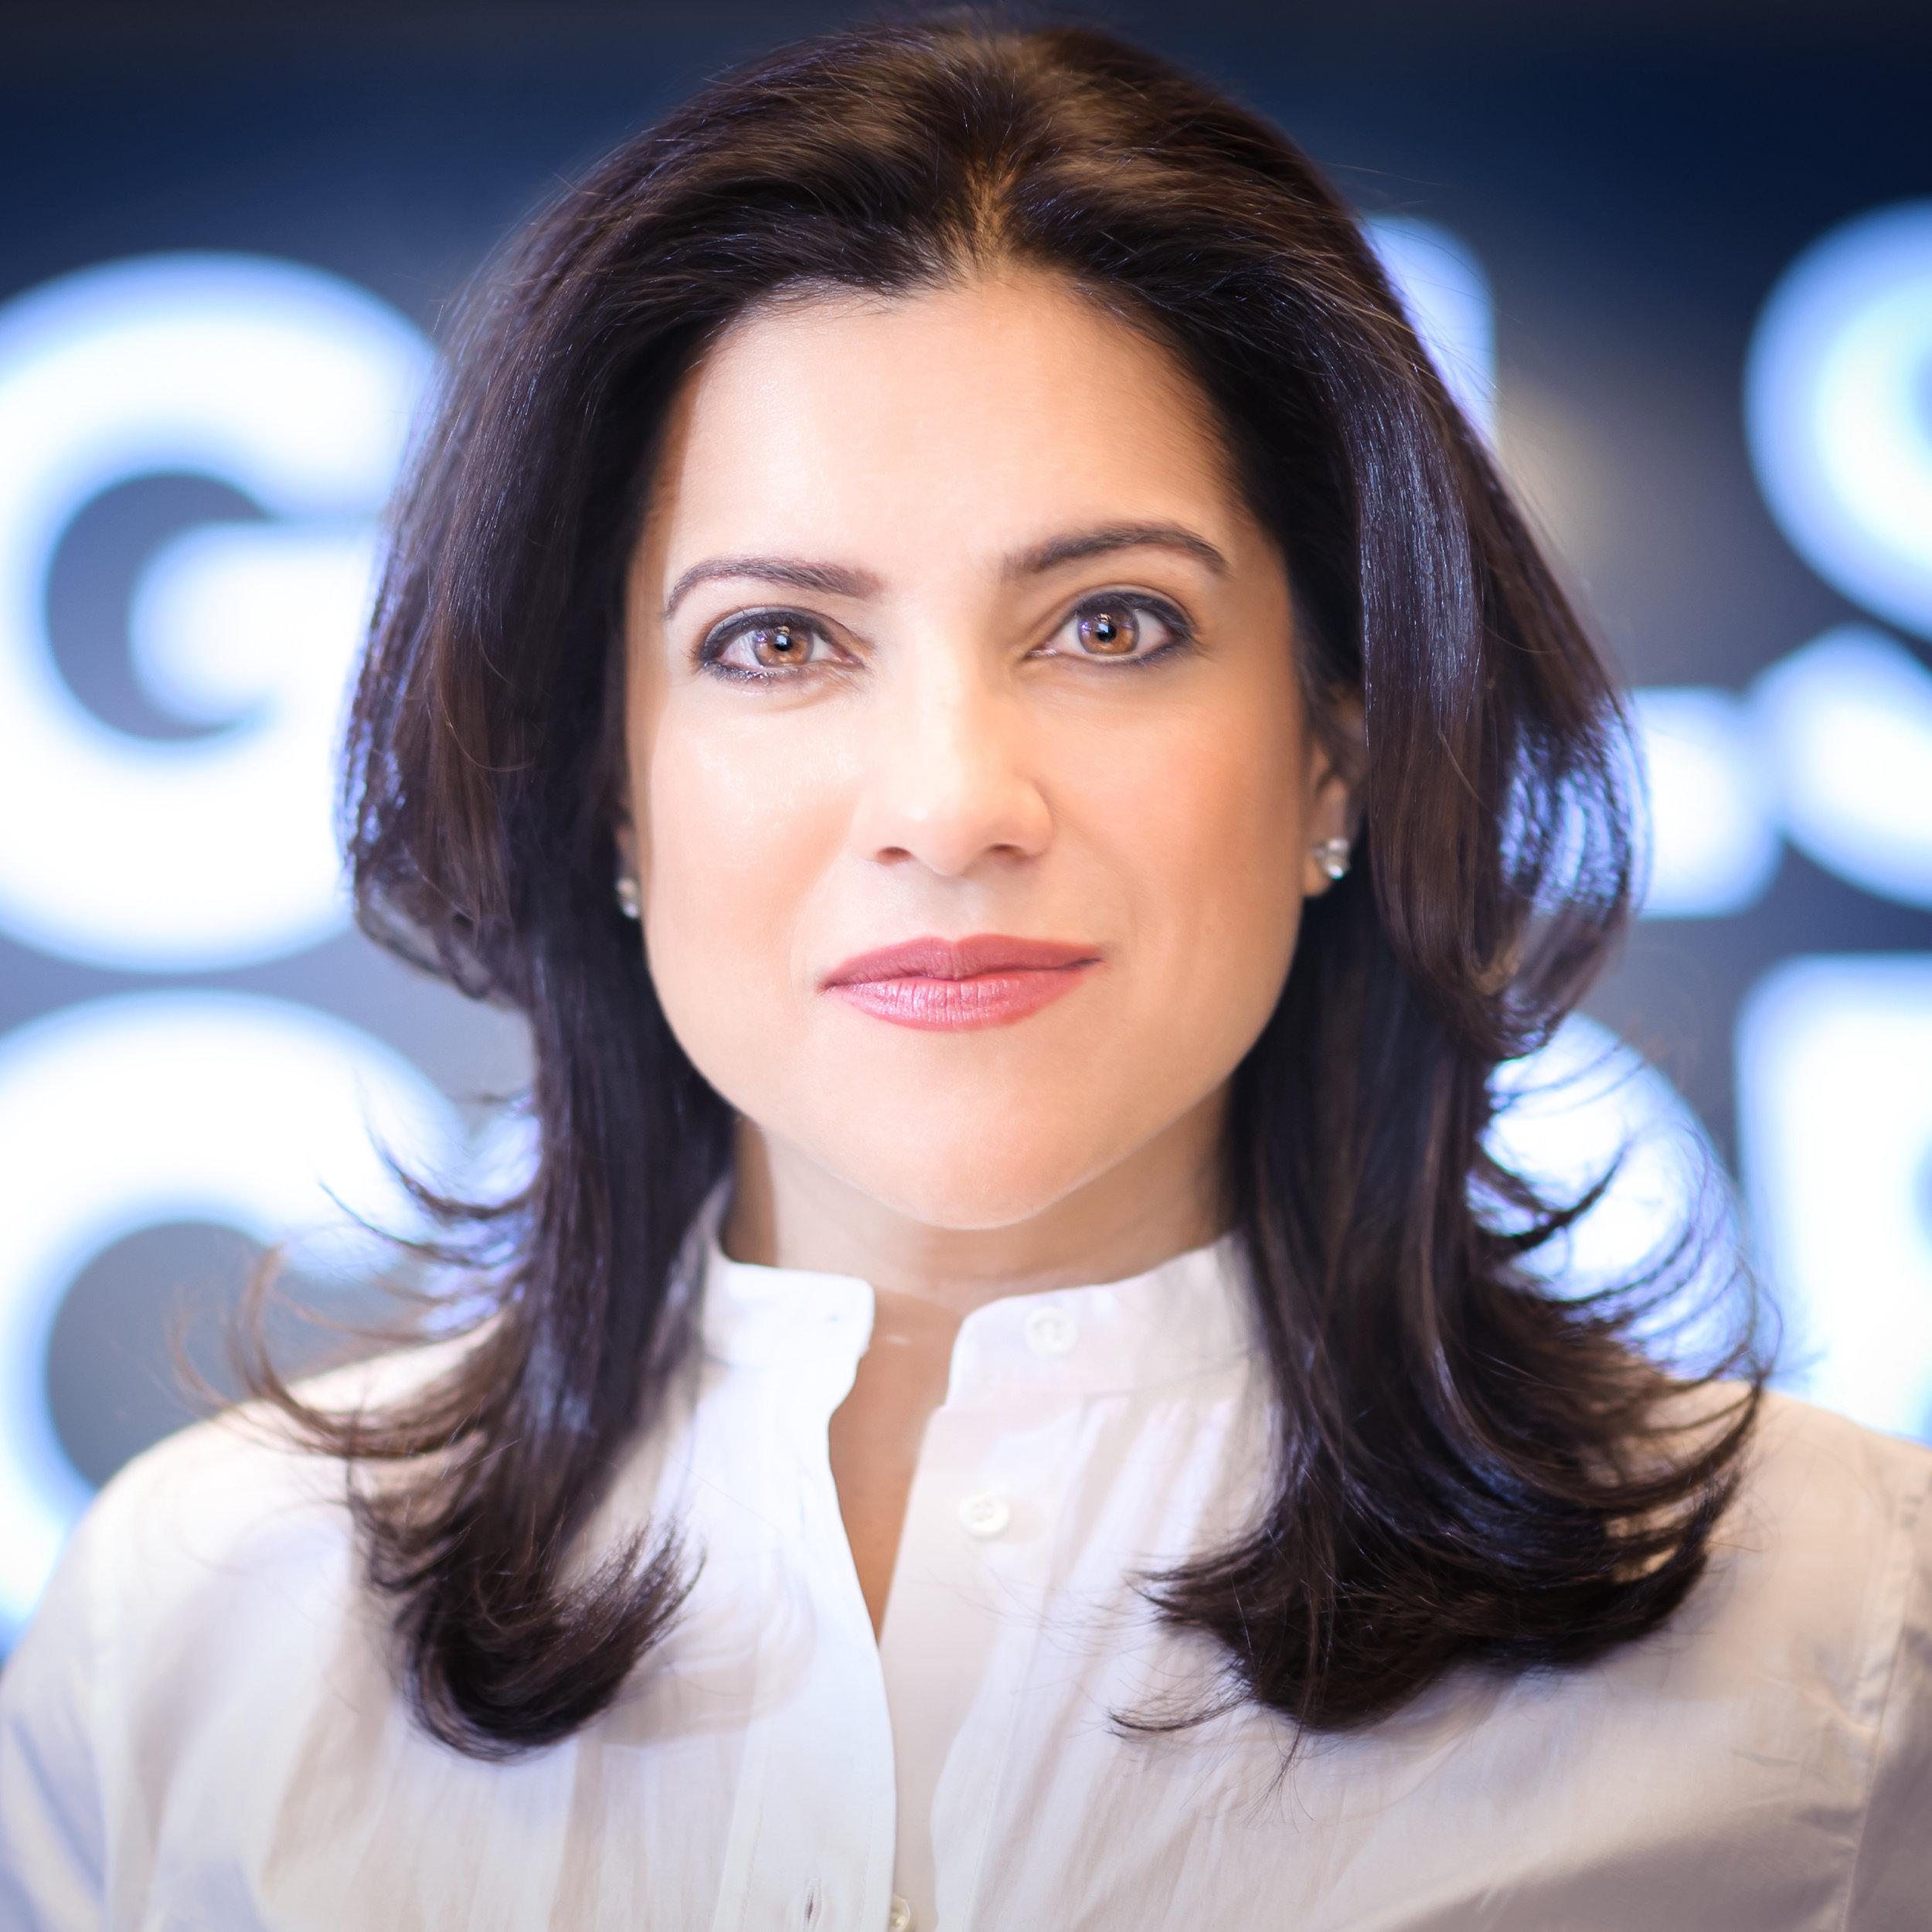 Reshma Saujani - KEYNOTEFounder & CEO at Girls Who Code